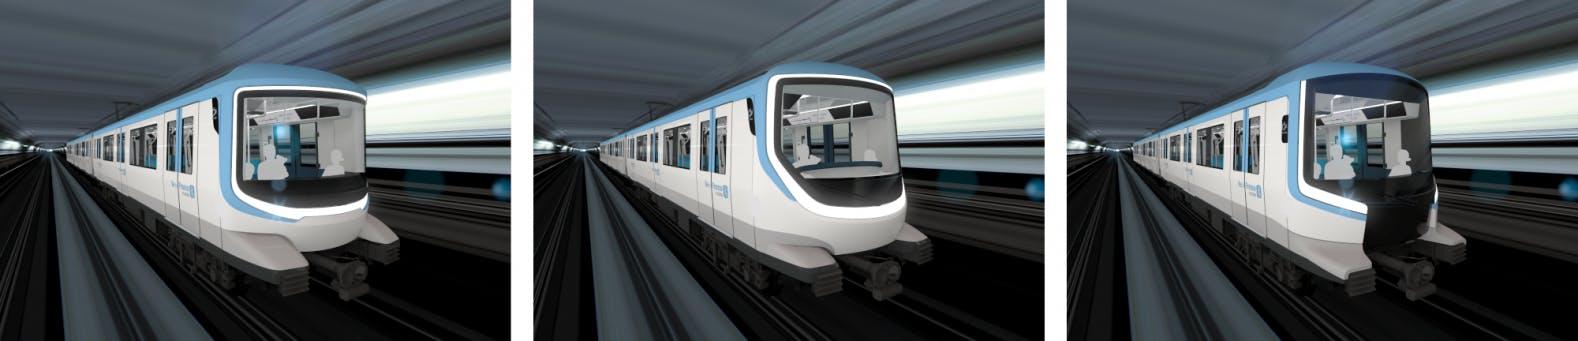 Enquête île-de-France mobilités : Proposition de 3 designs de métro à choisir pour la ligne 15, 16 et 17